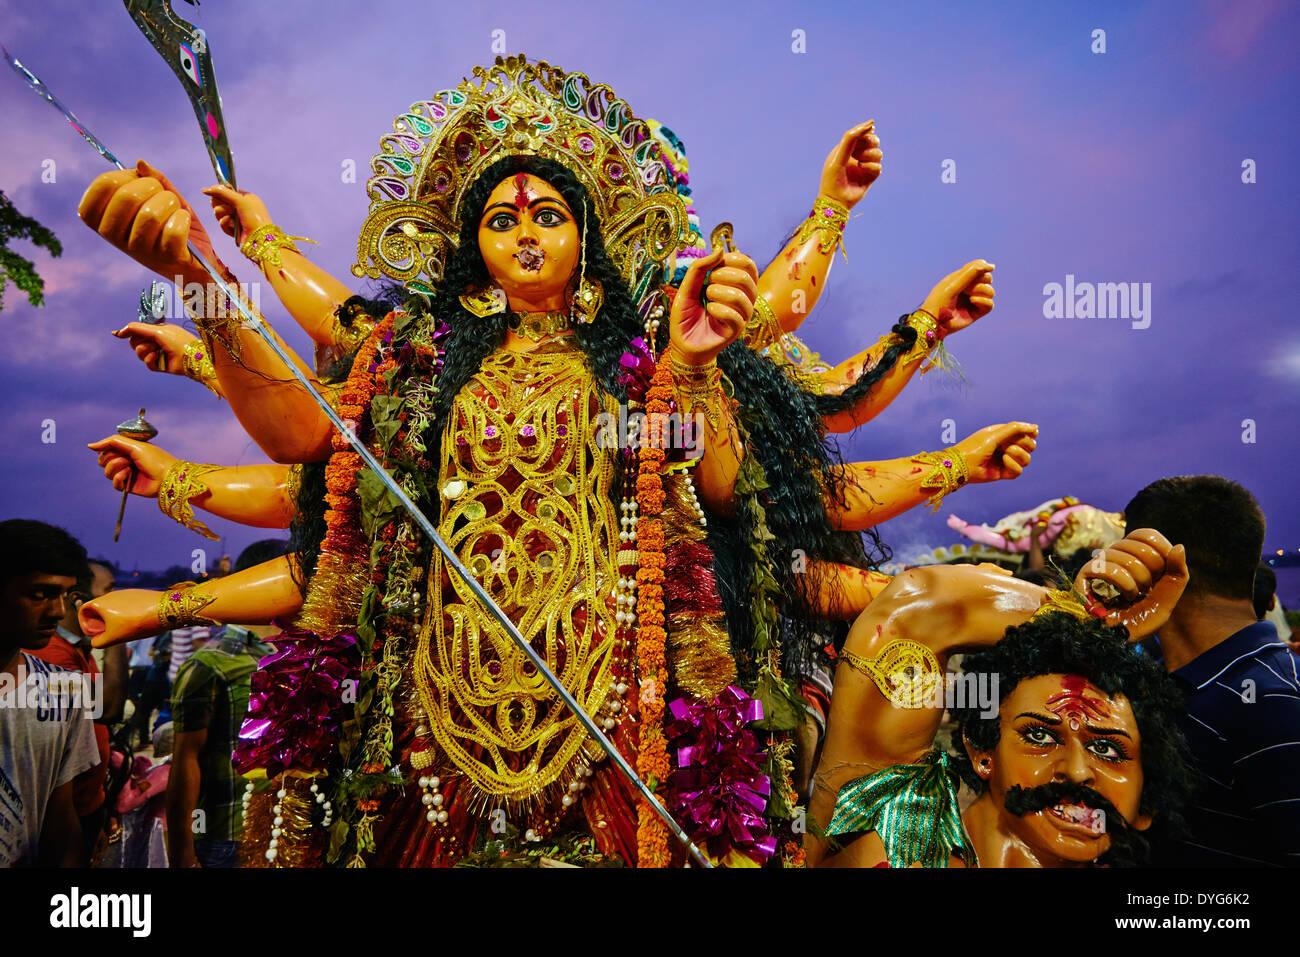 Indien, Westbengalen, Kalkutta, Calcutta, am Ende des Durga Puja Götzen zum Fluss Hooghly geworfen werden Stockbild